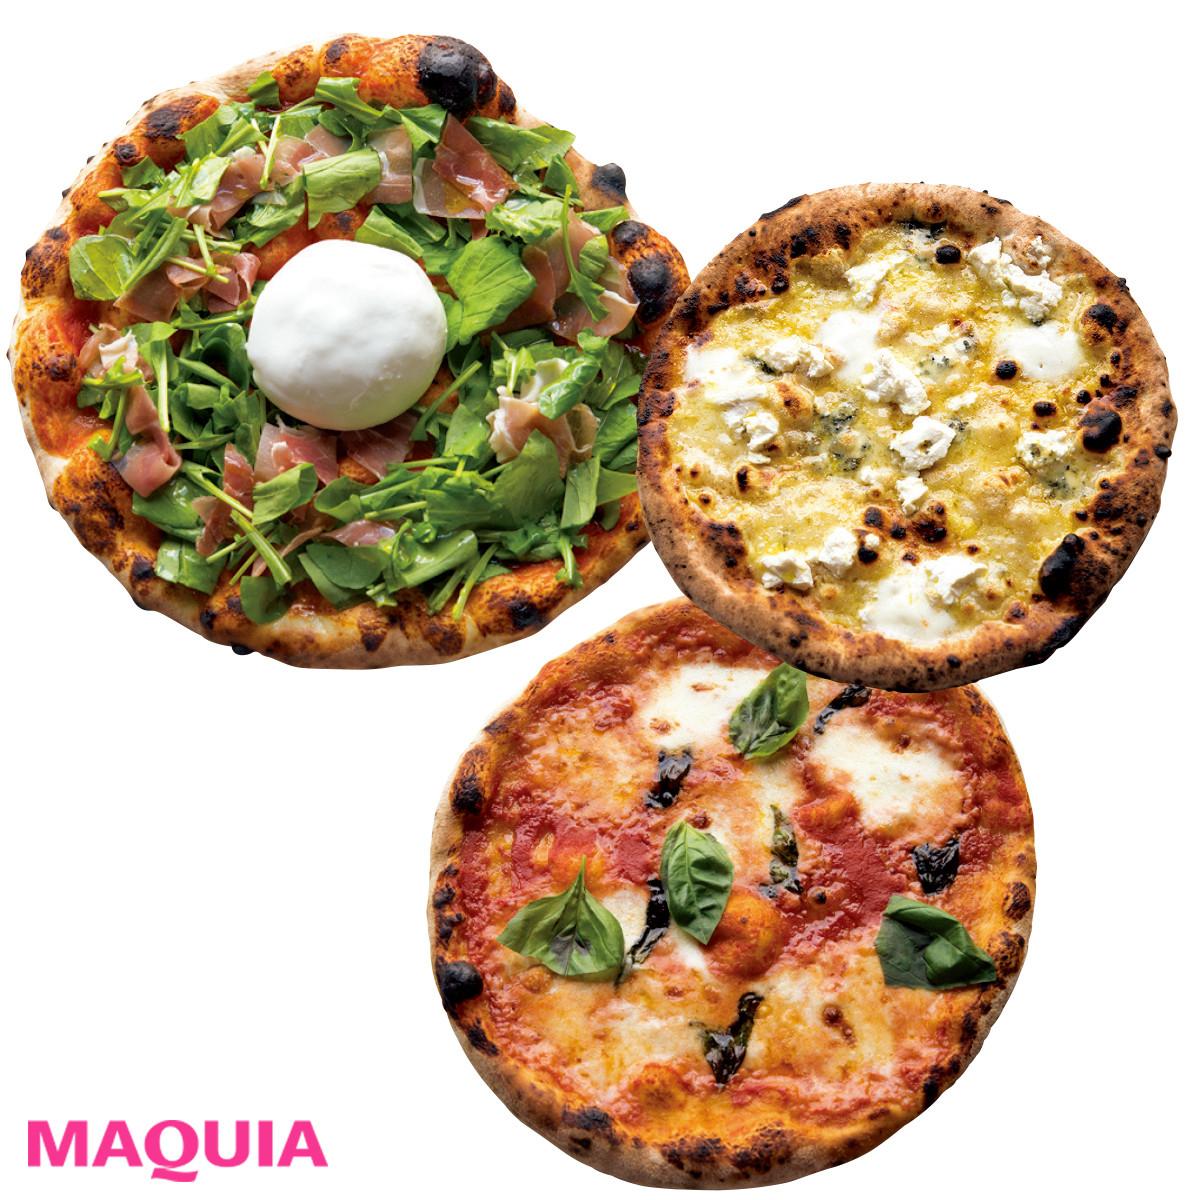 つくりたてのチーズに感激! フレッシュチーズが主役の「GOOD CHEESE GOOD PIZZA」